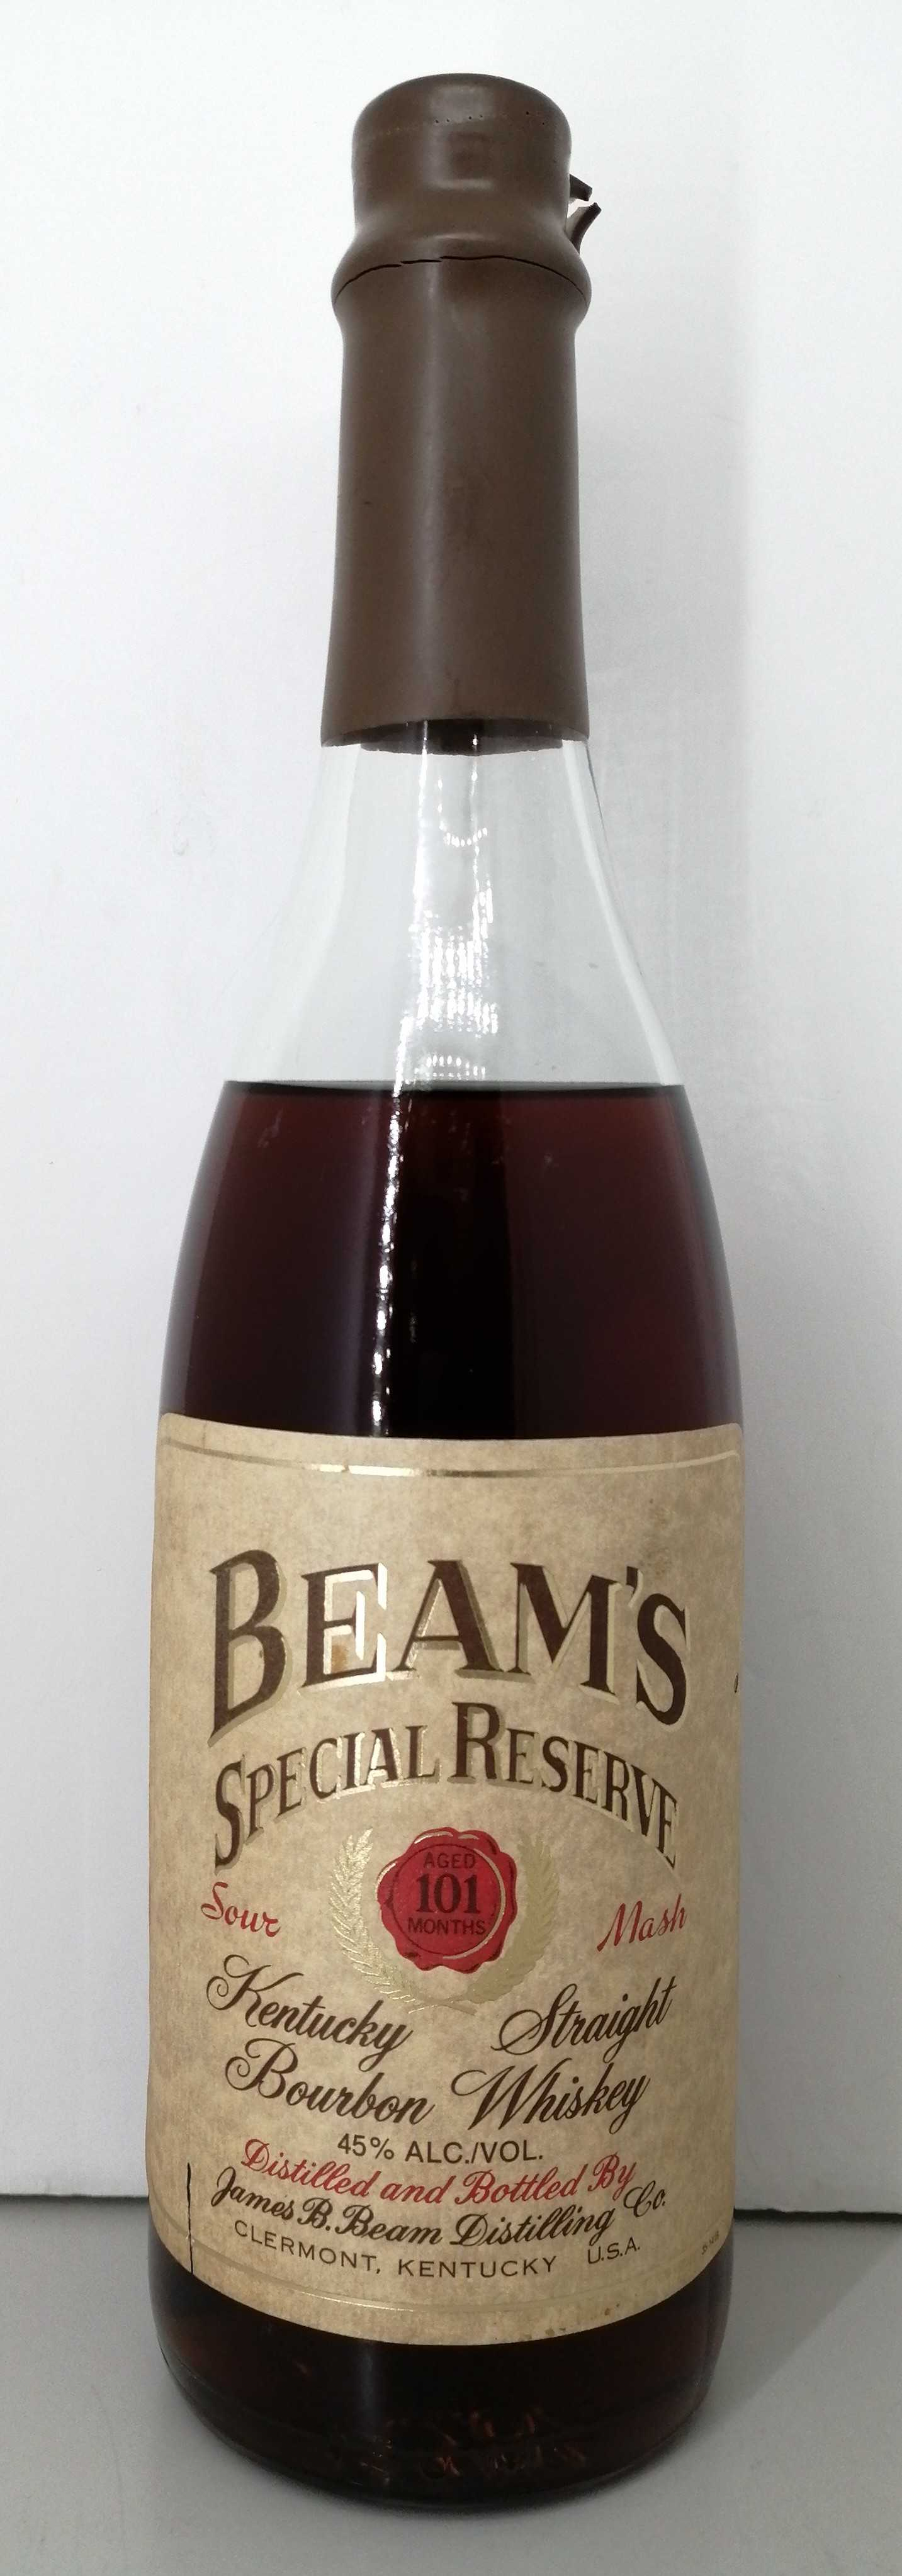 ビームス スペシャルリザーブ 101|BEAMS